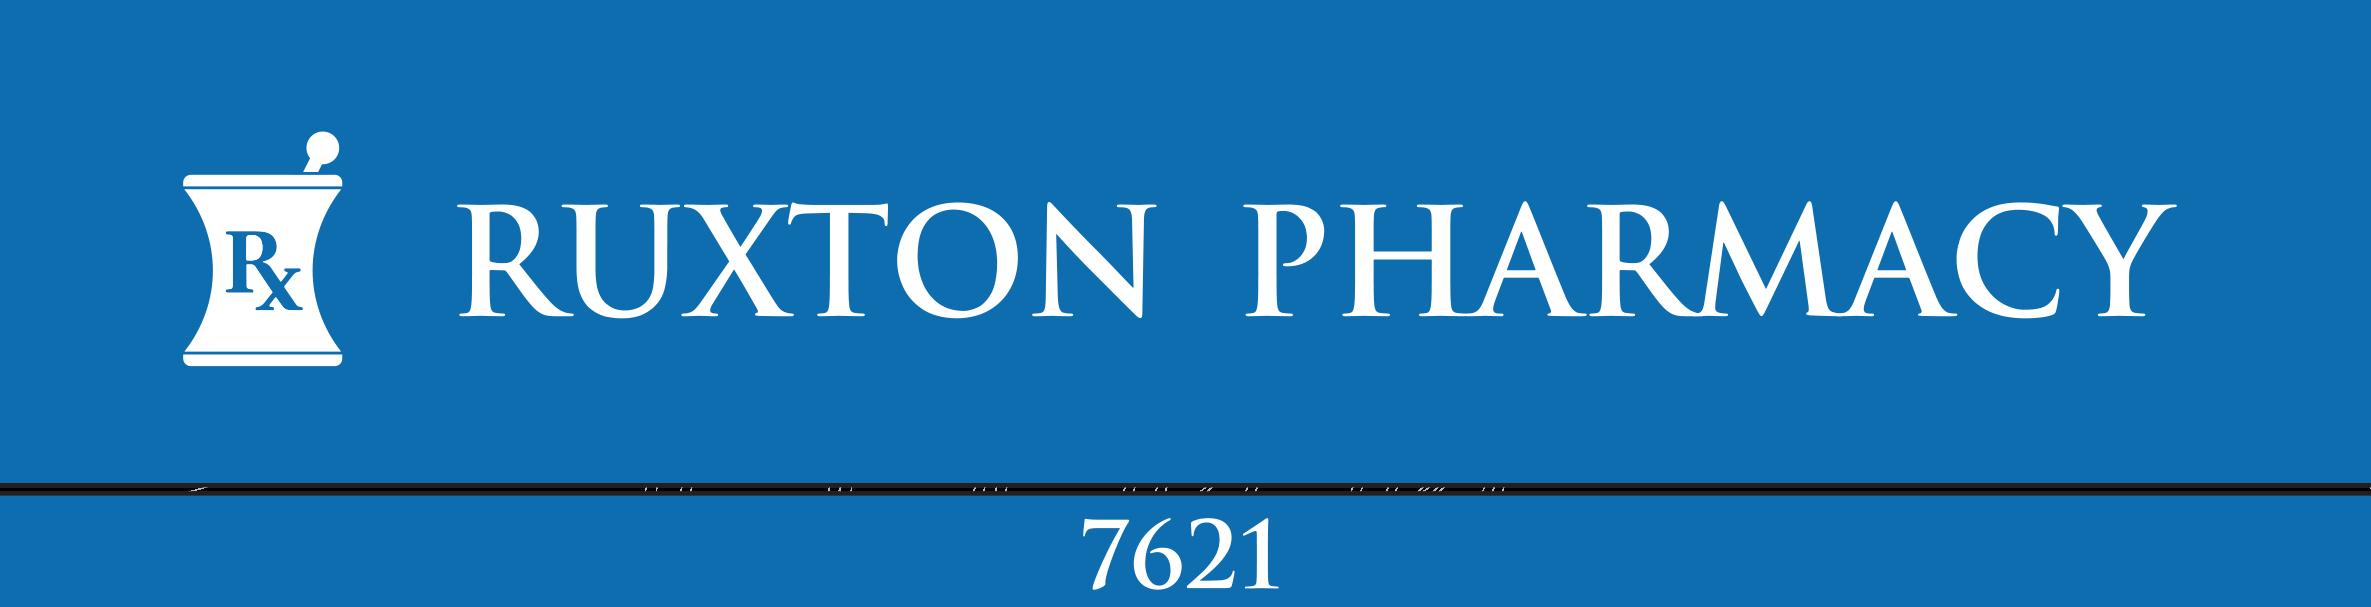 Ruxton Pharmacy